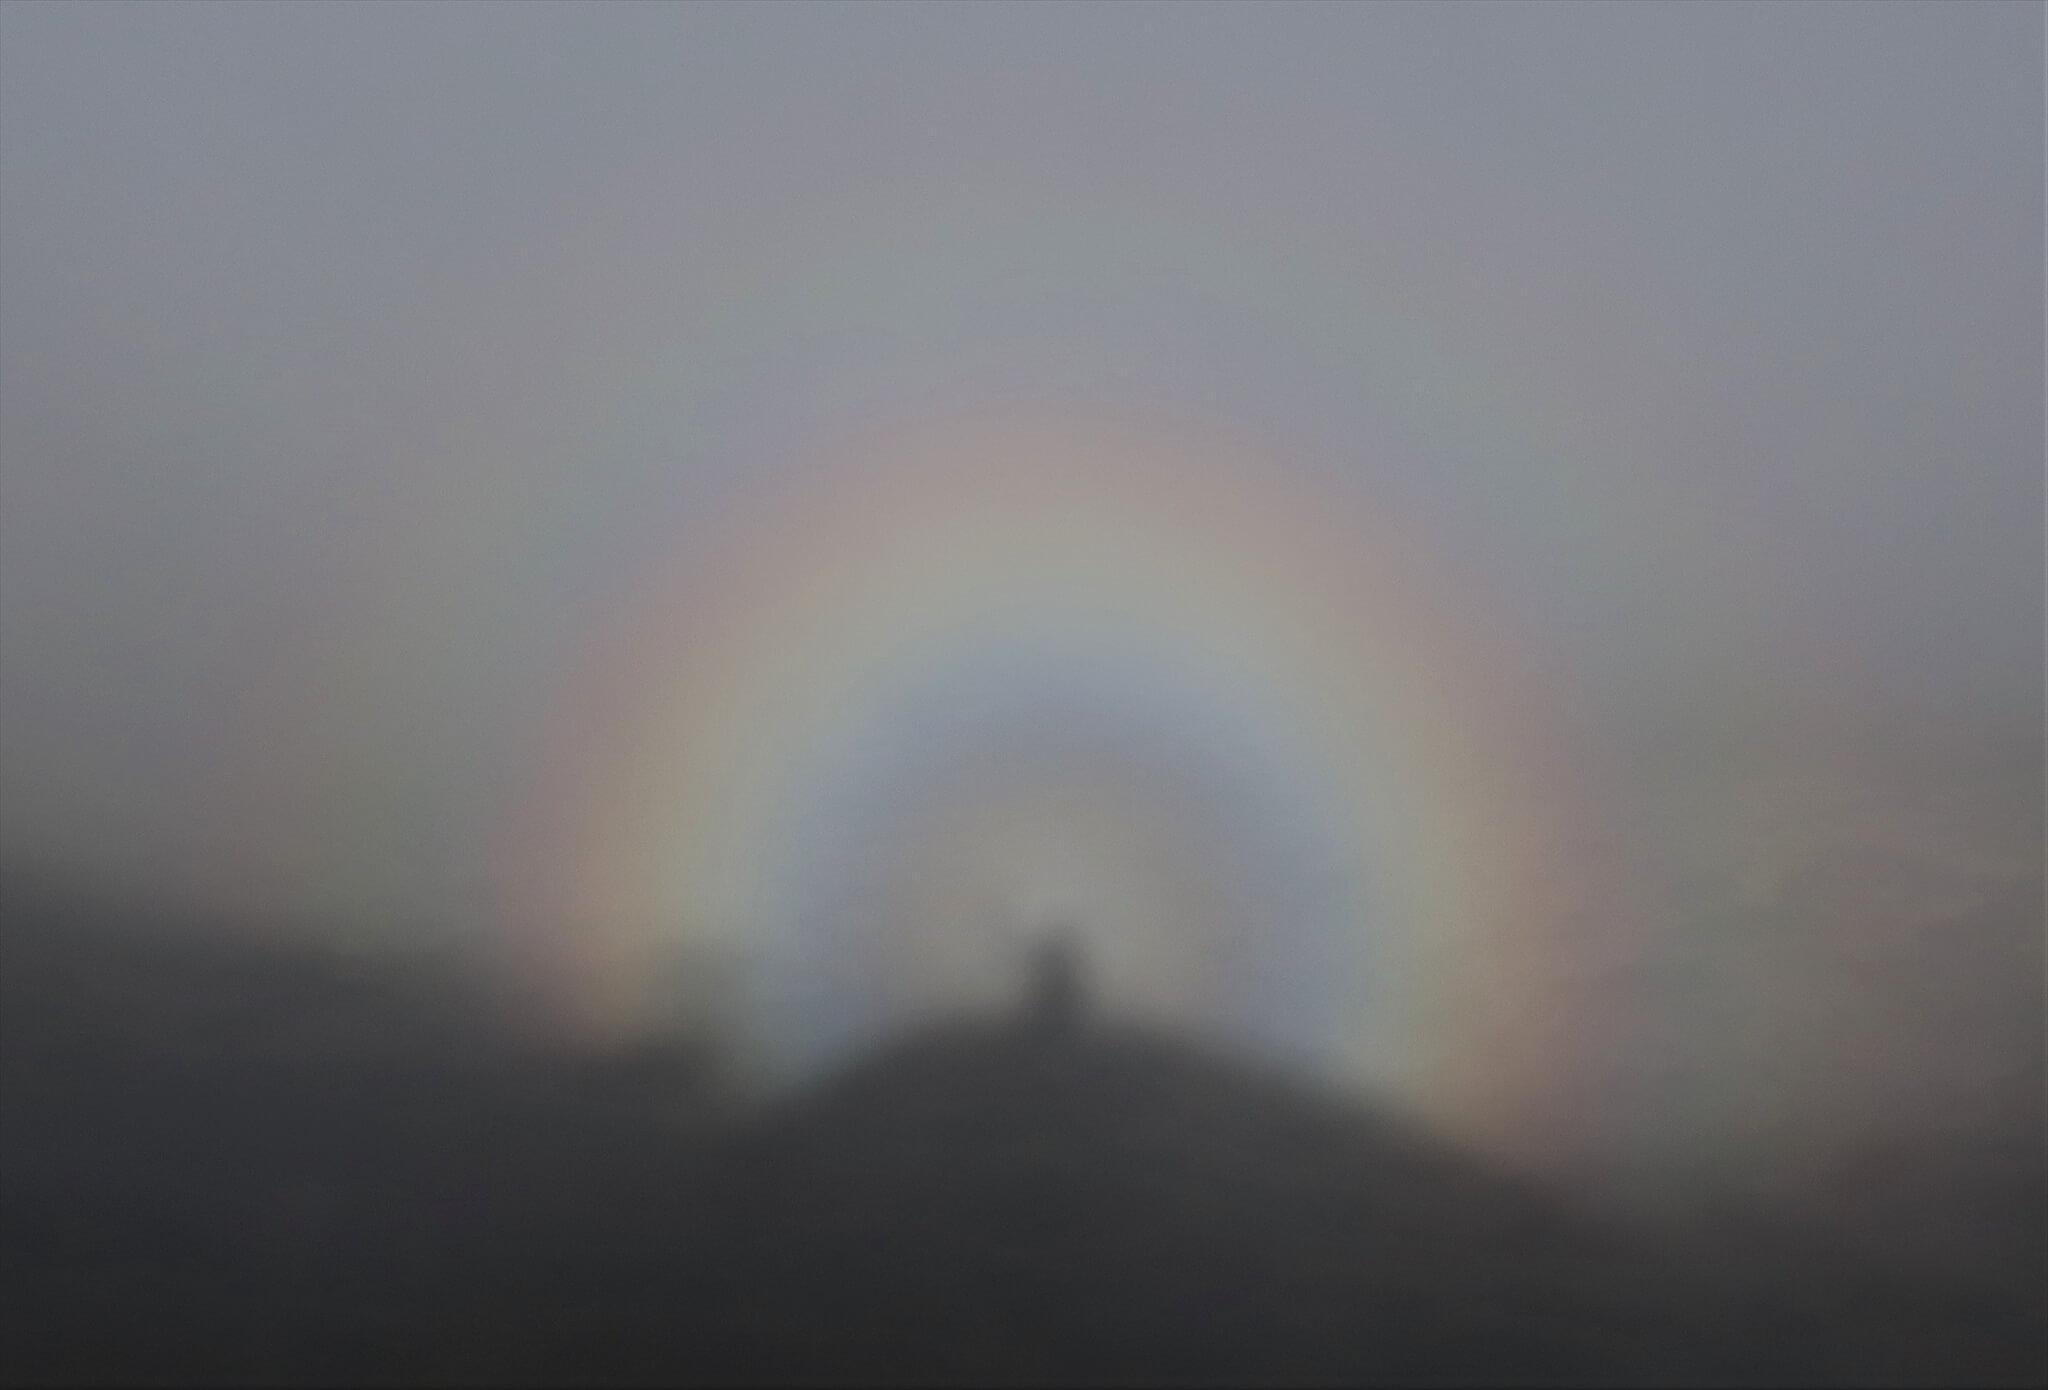 玉置さんが磐梯山に登ったときに撮影した「ブロッケンの妖怪」